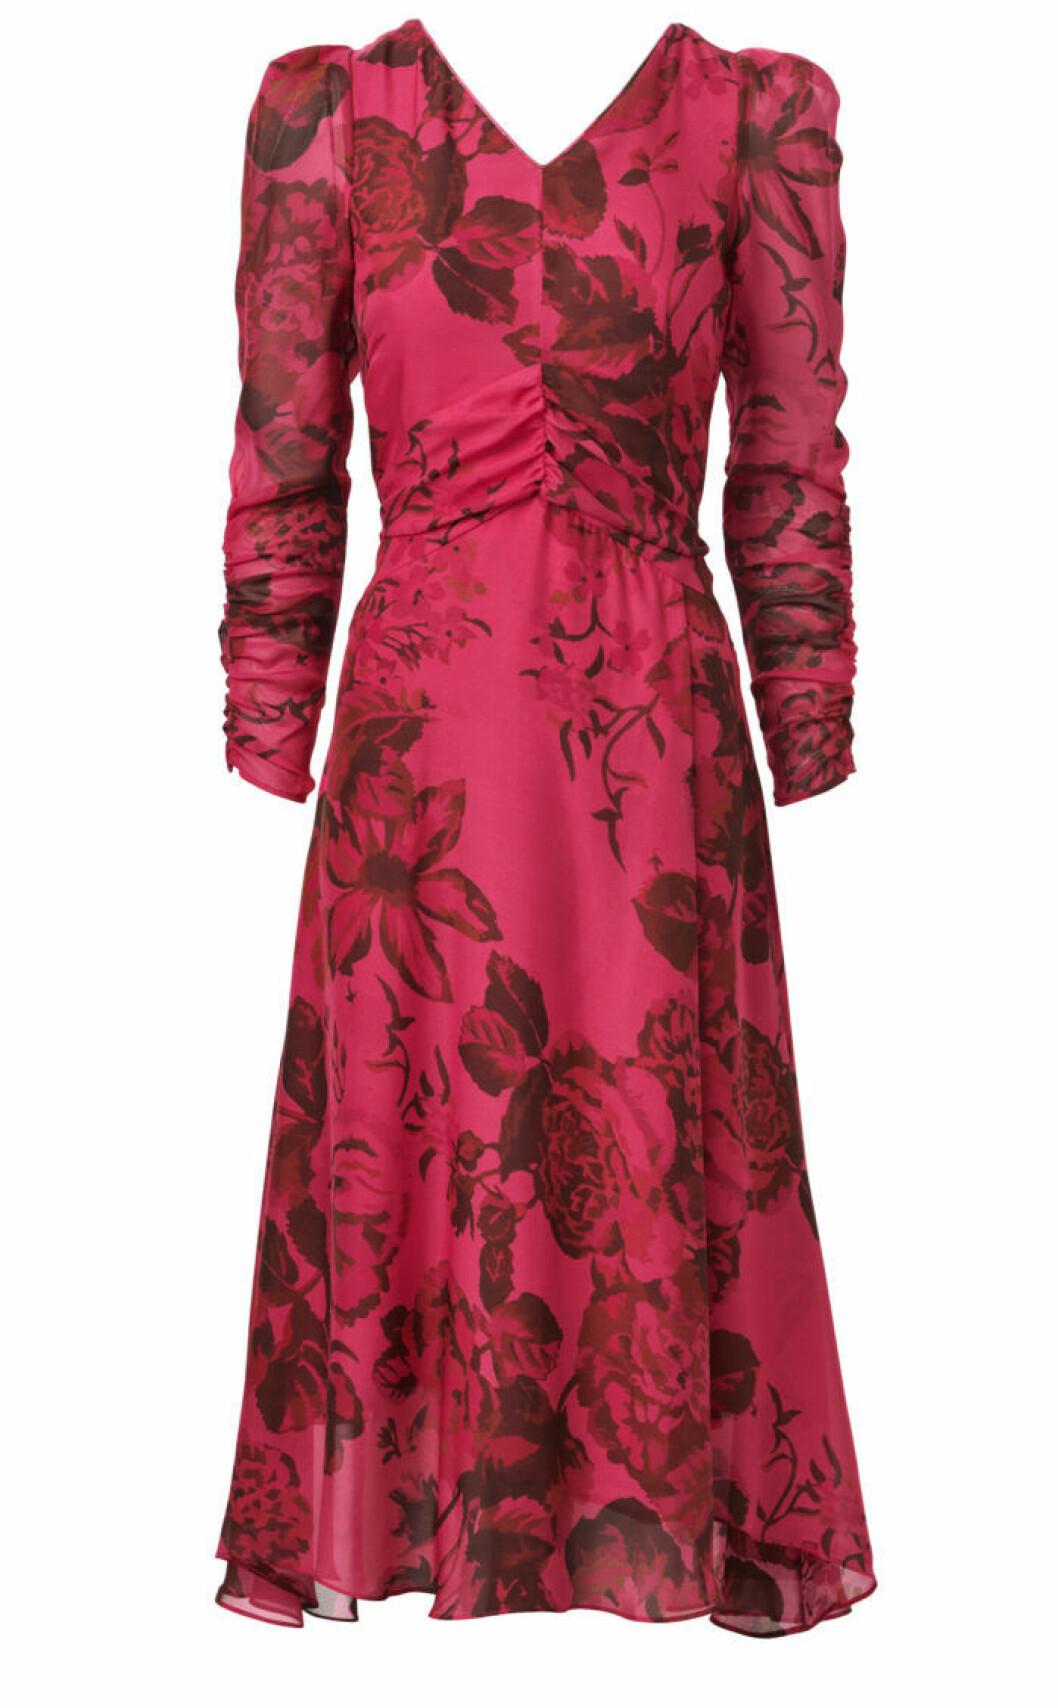 Rosblommig klänning med lång ärm